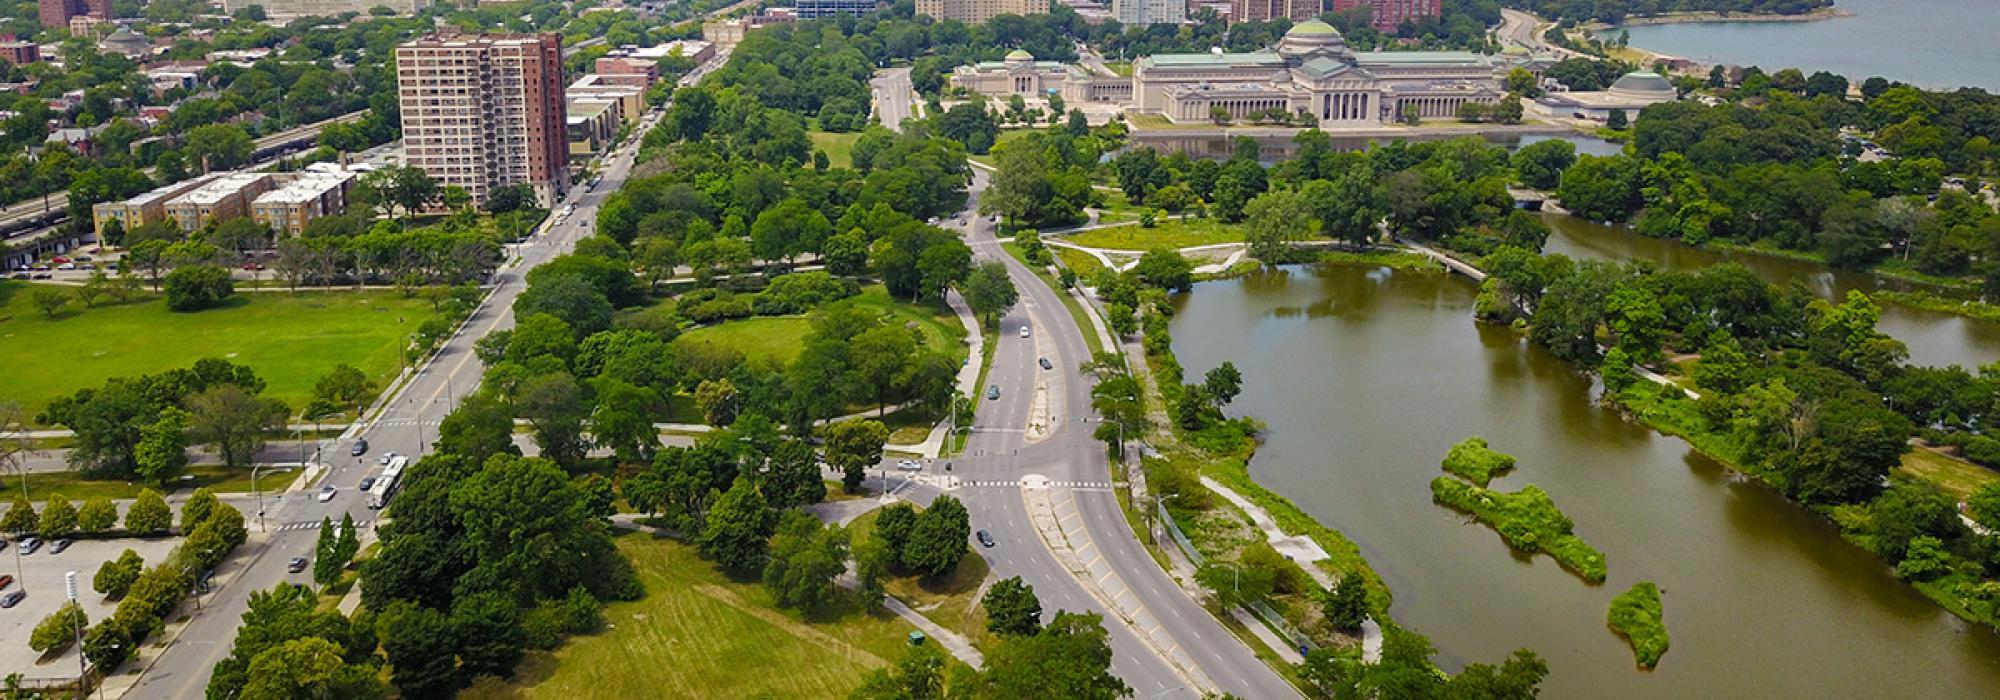 jacksonpark-stevenvance-feature-aerial.jpg